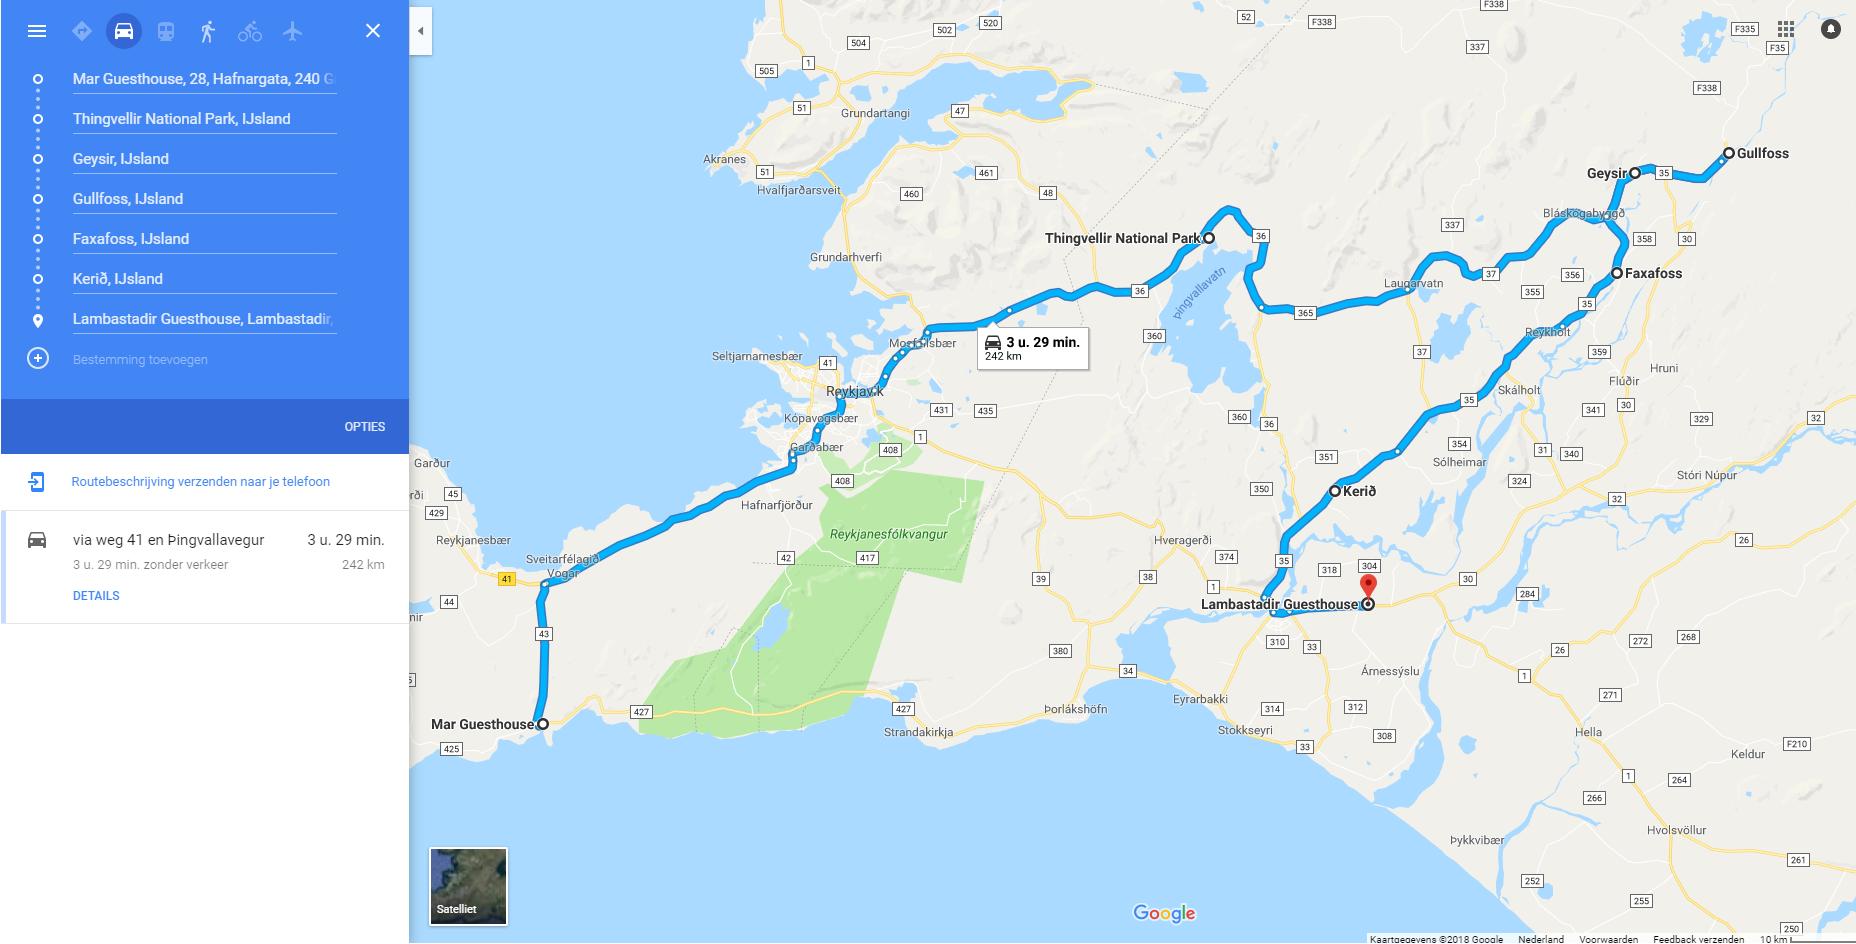 dag 2 route